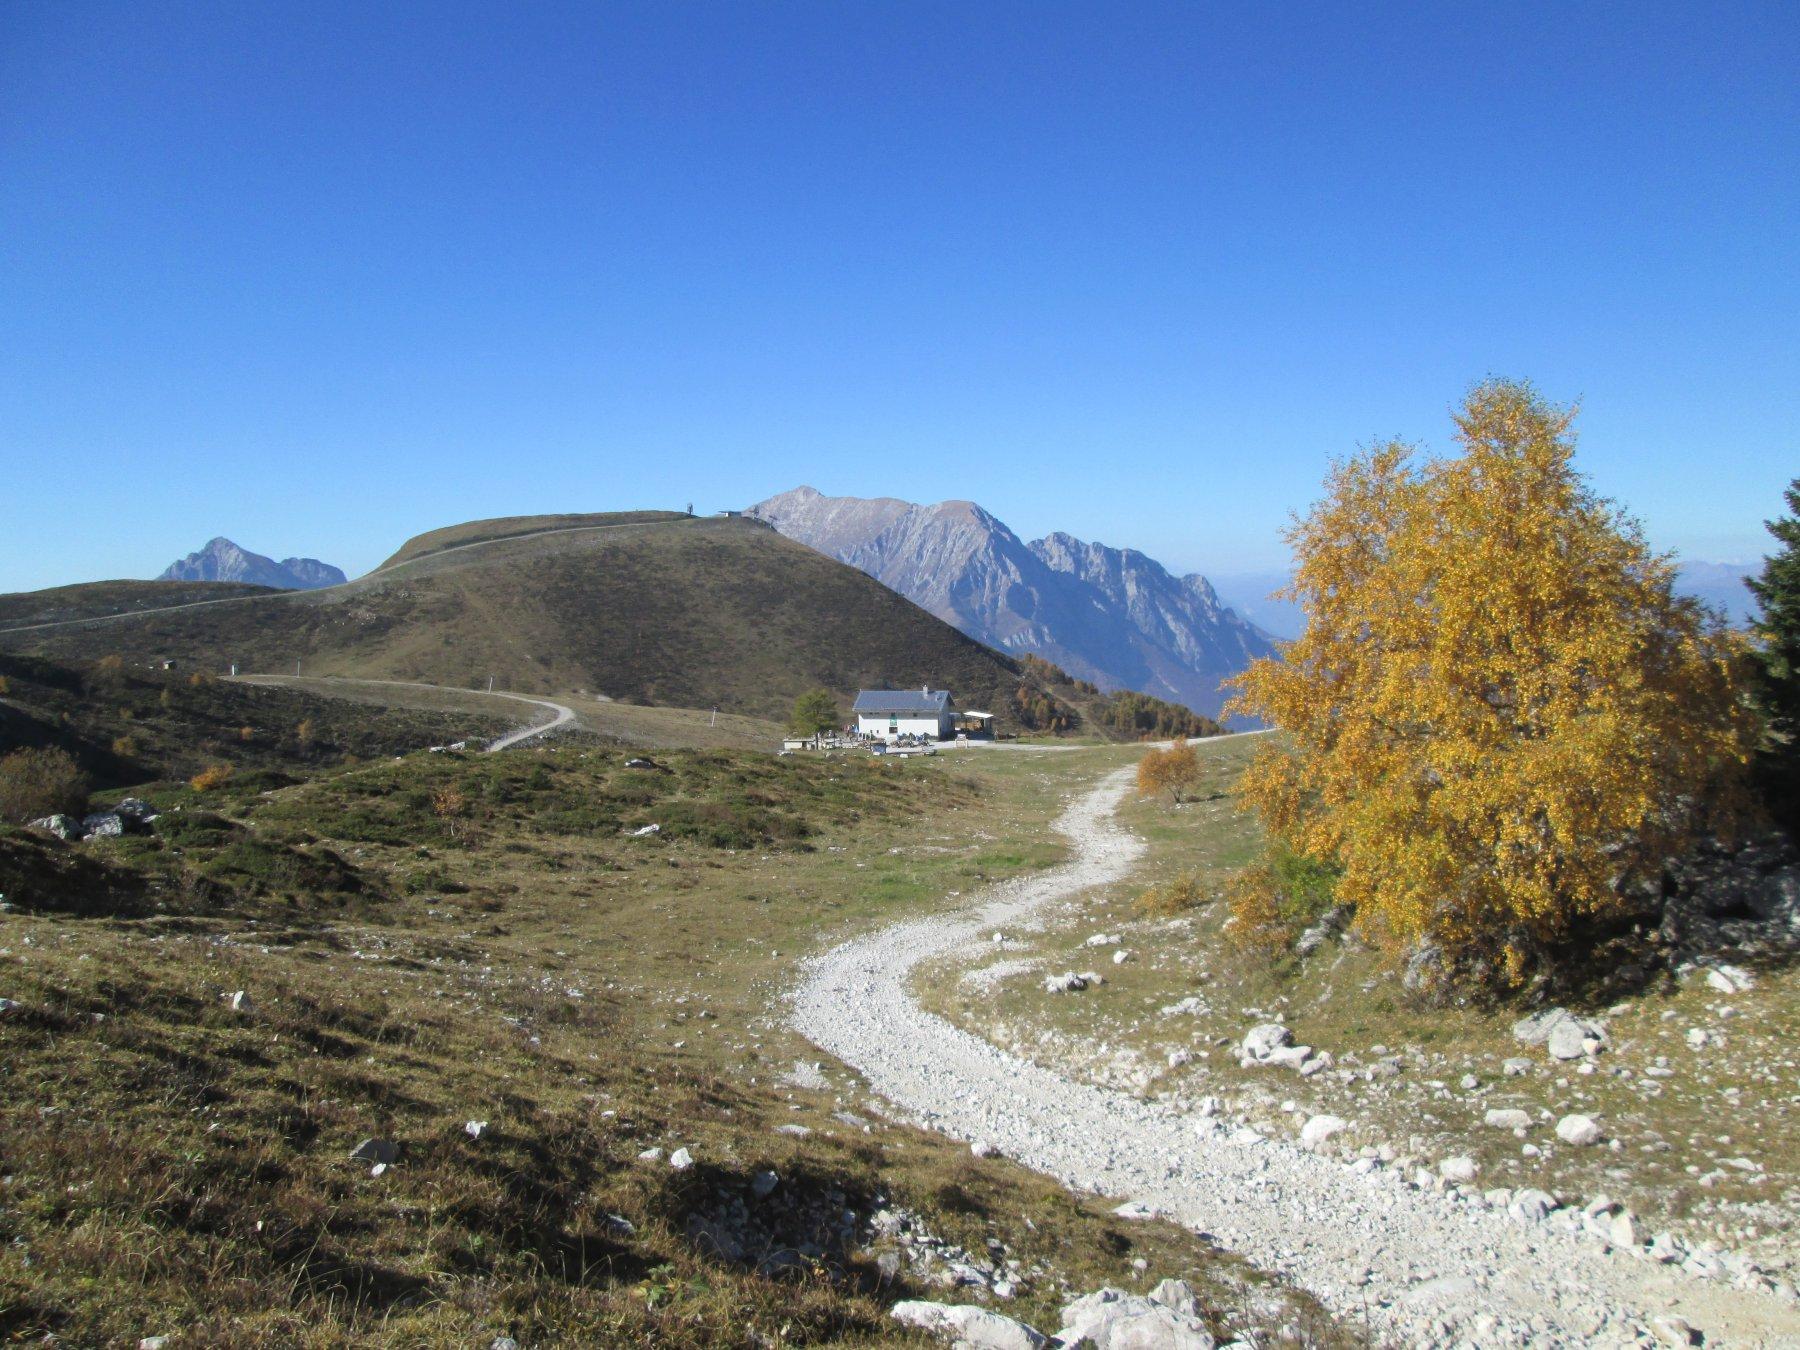 rifugio Lecco e Orscellera dall'alto